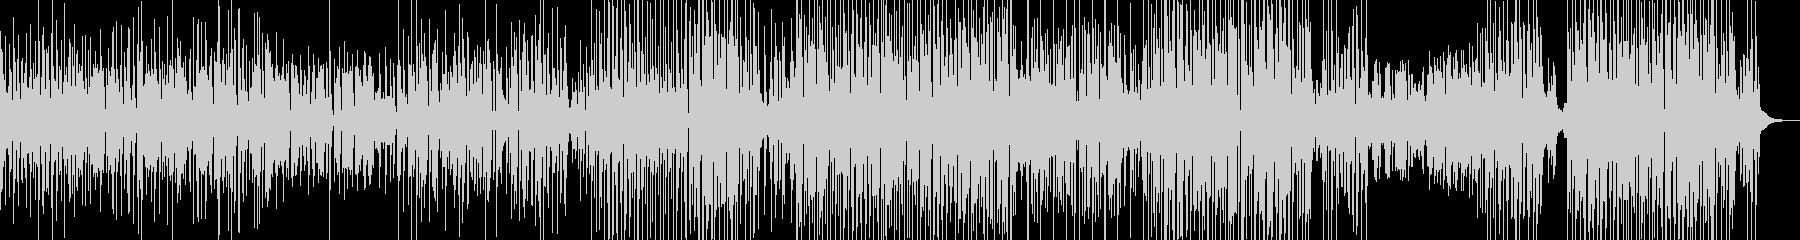 ウクレレ・和む雰囲気 後半打楽器・長尺の未再生の波形